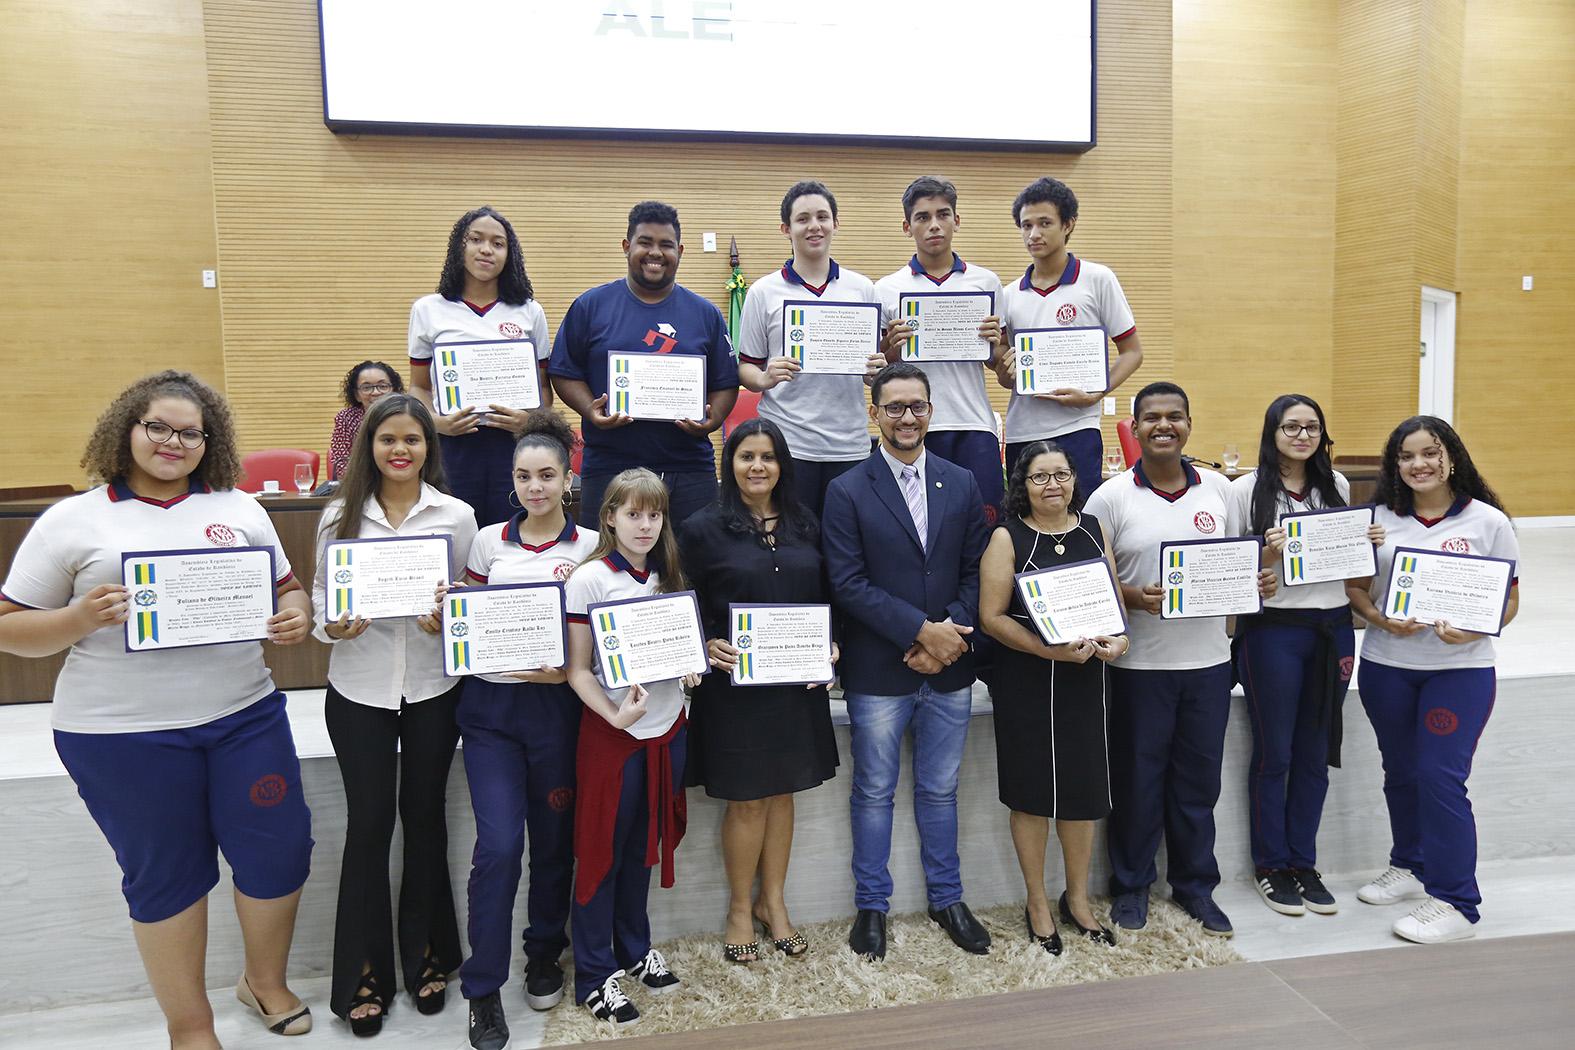 Deputado Anderson entrega Voto de Louvor para alunos e professores integrantes do projeto Com-Vida da escola Murilo Braga